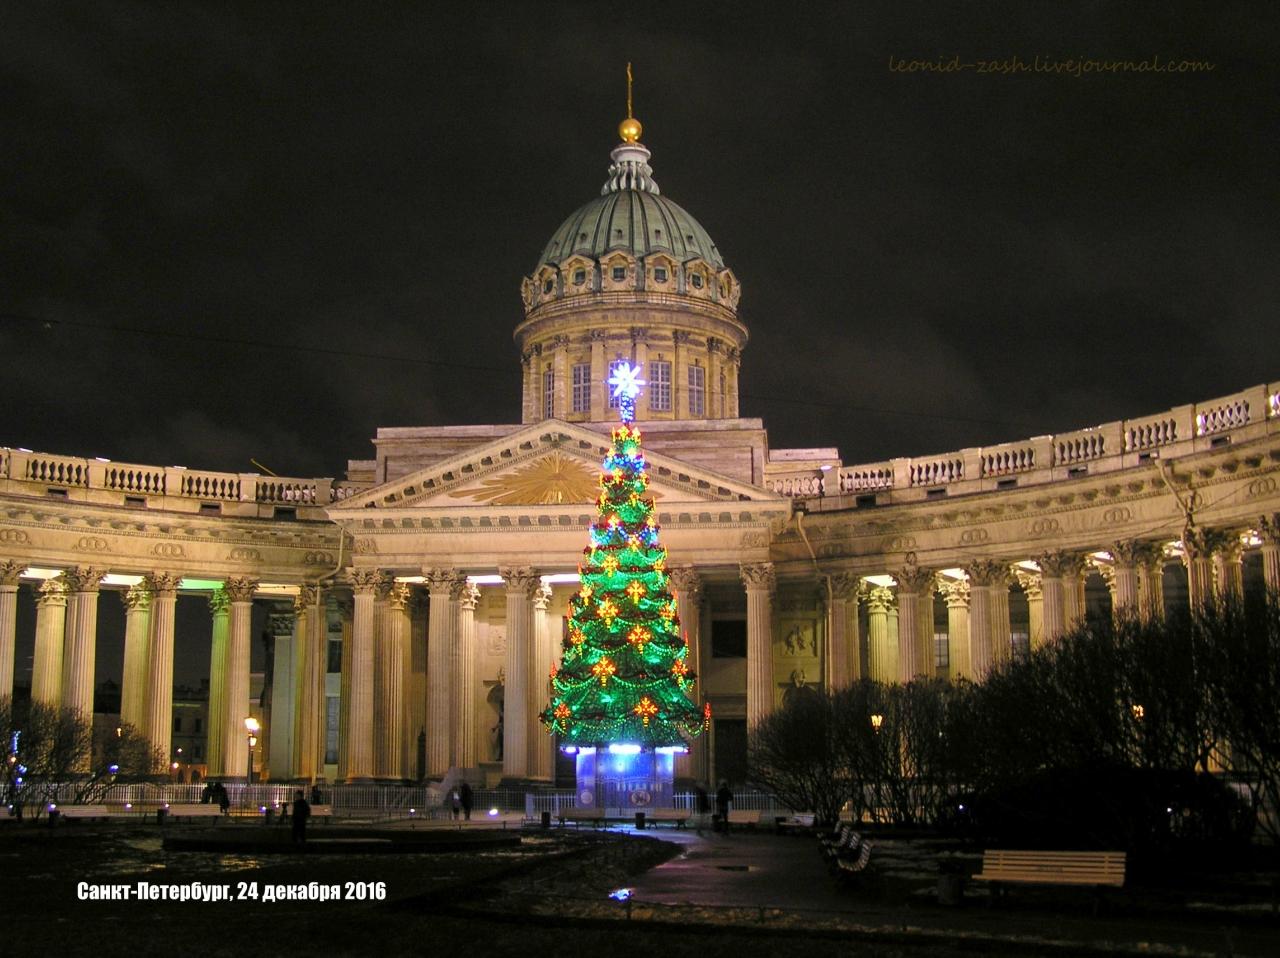 Санкт-Петербург 32.JPG